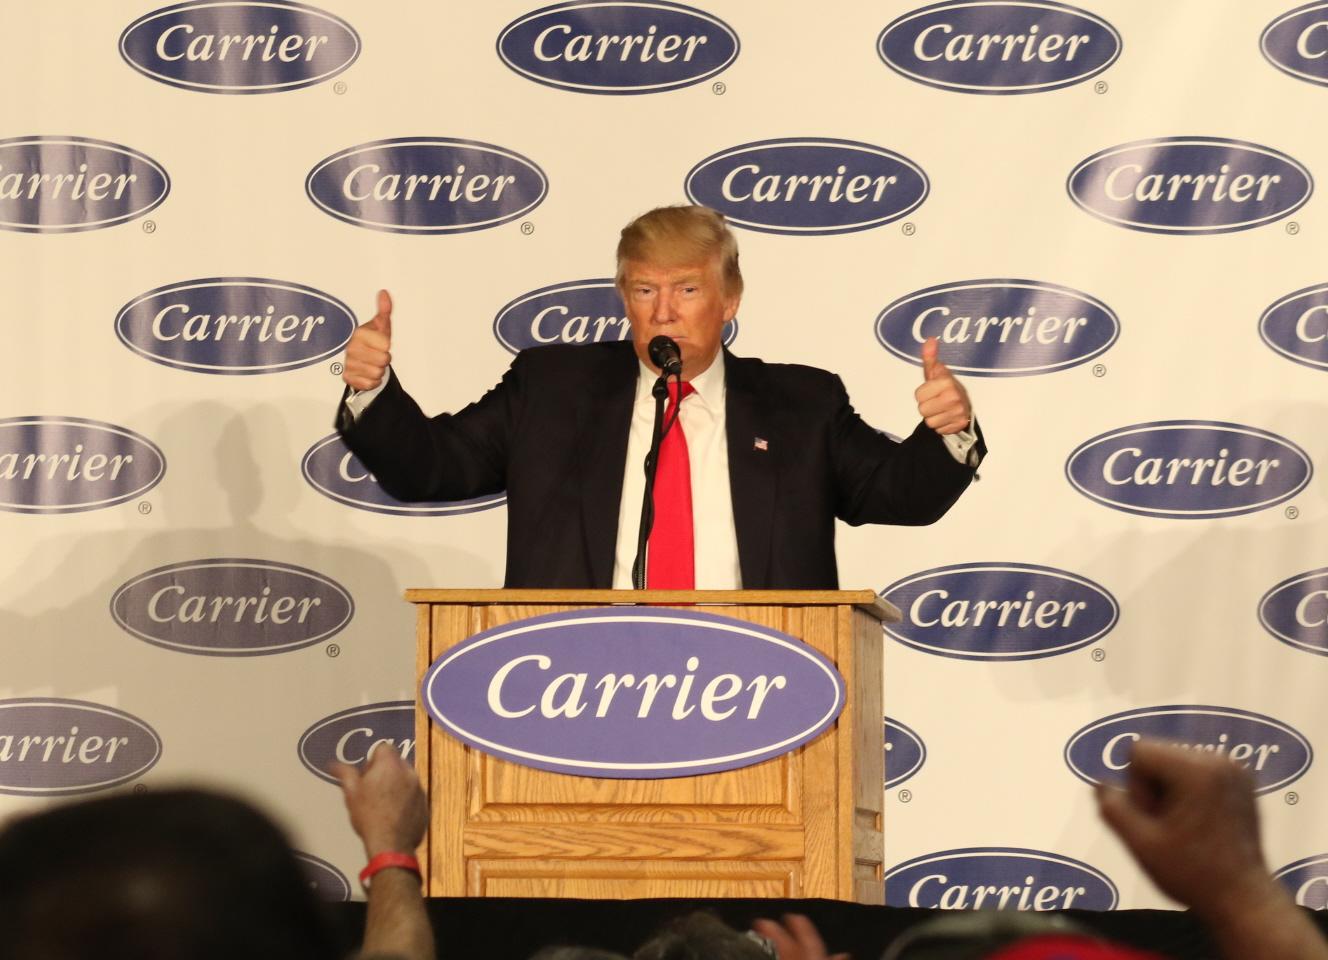 写真・図版 : 演説を終え、両手の親指を立てて成果を誇るトランプ次期米大統領=2016年12月1日、米インディアナ州インディアナポリス、五十嵐大介撮影